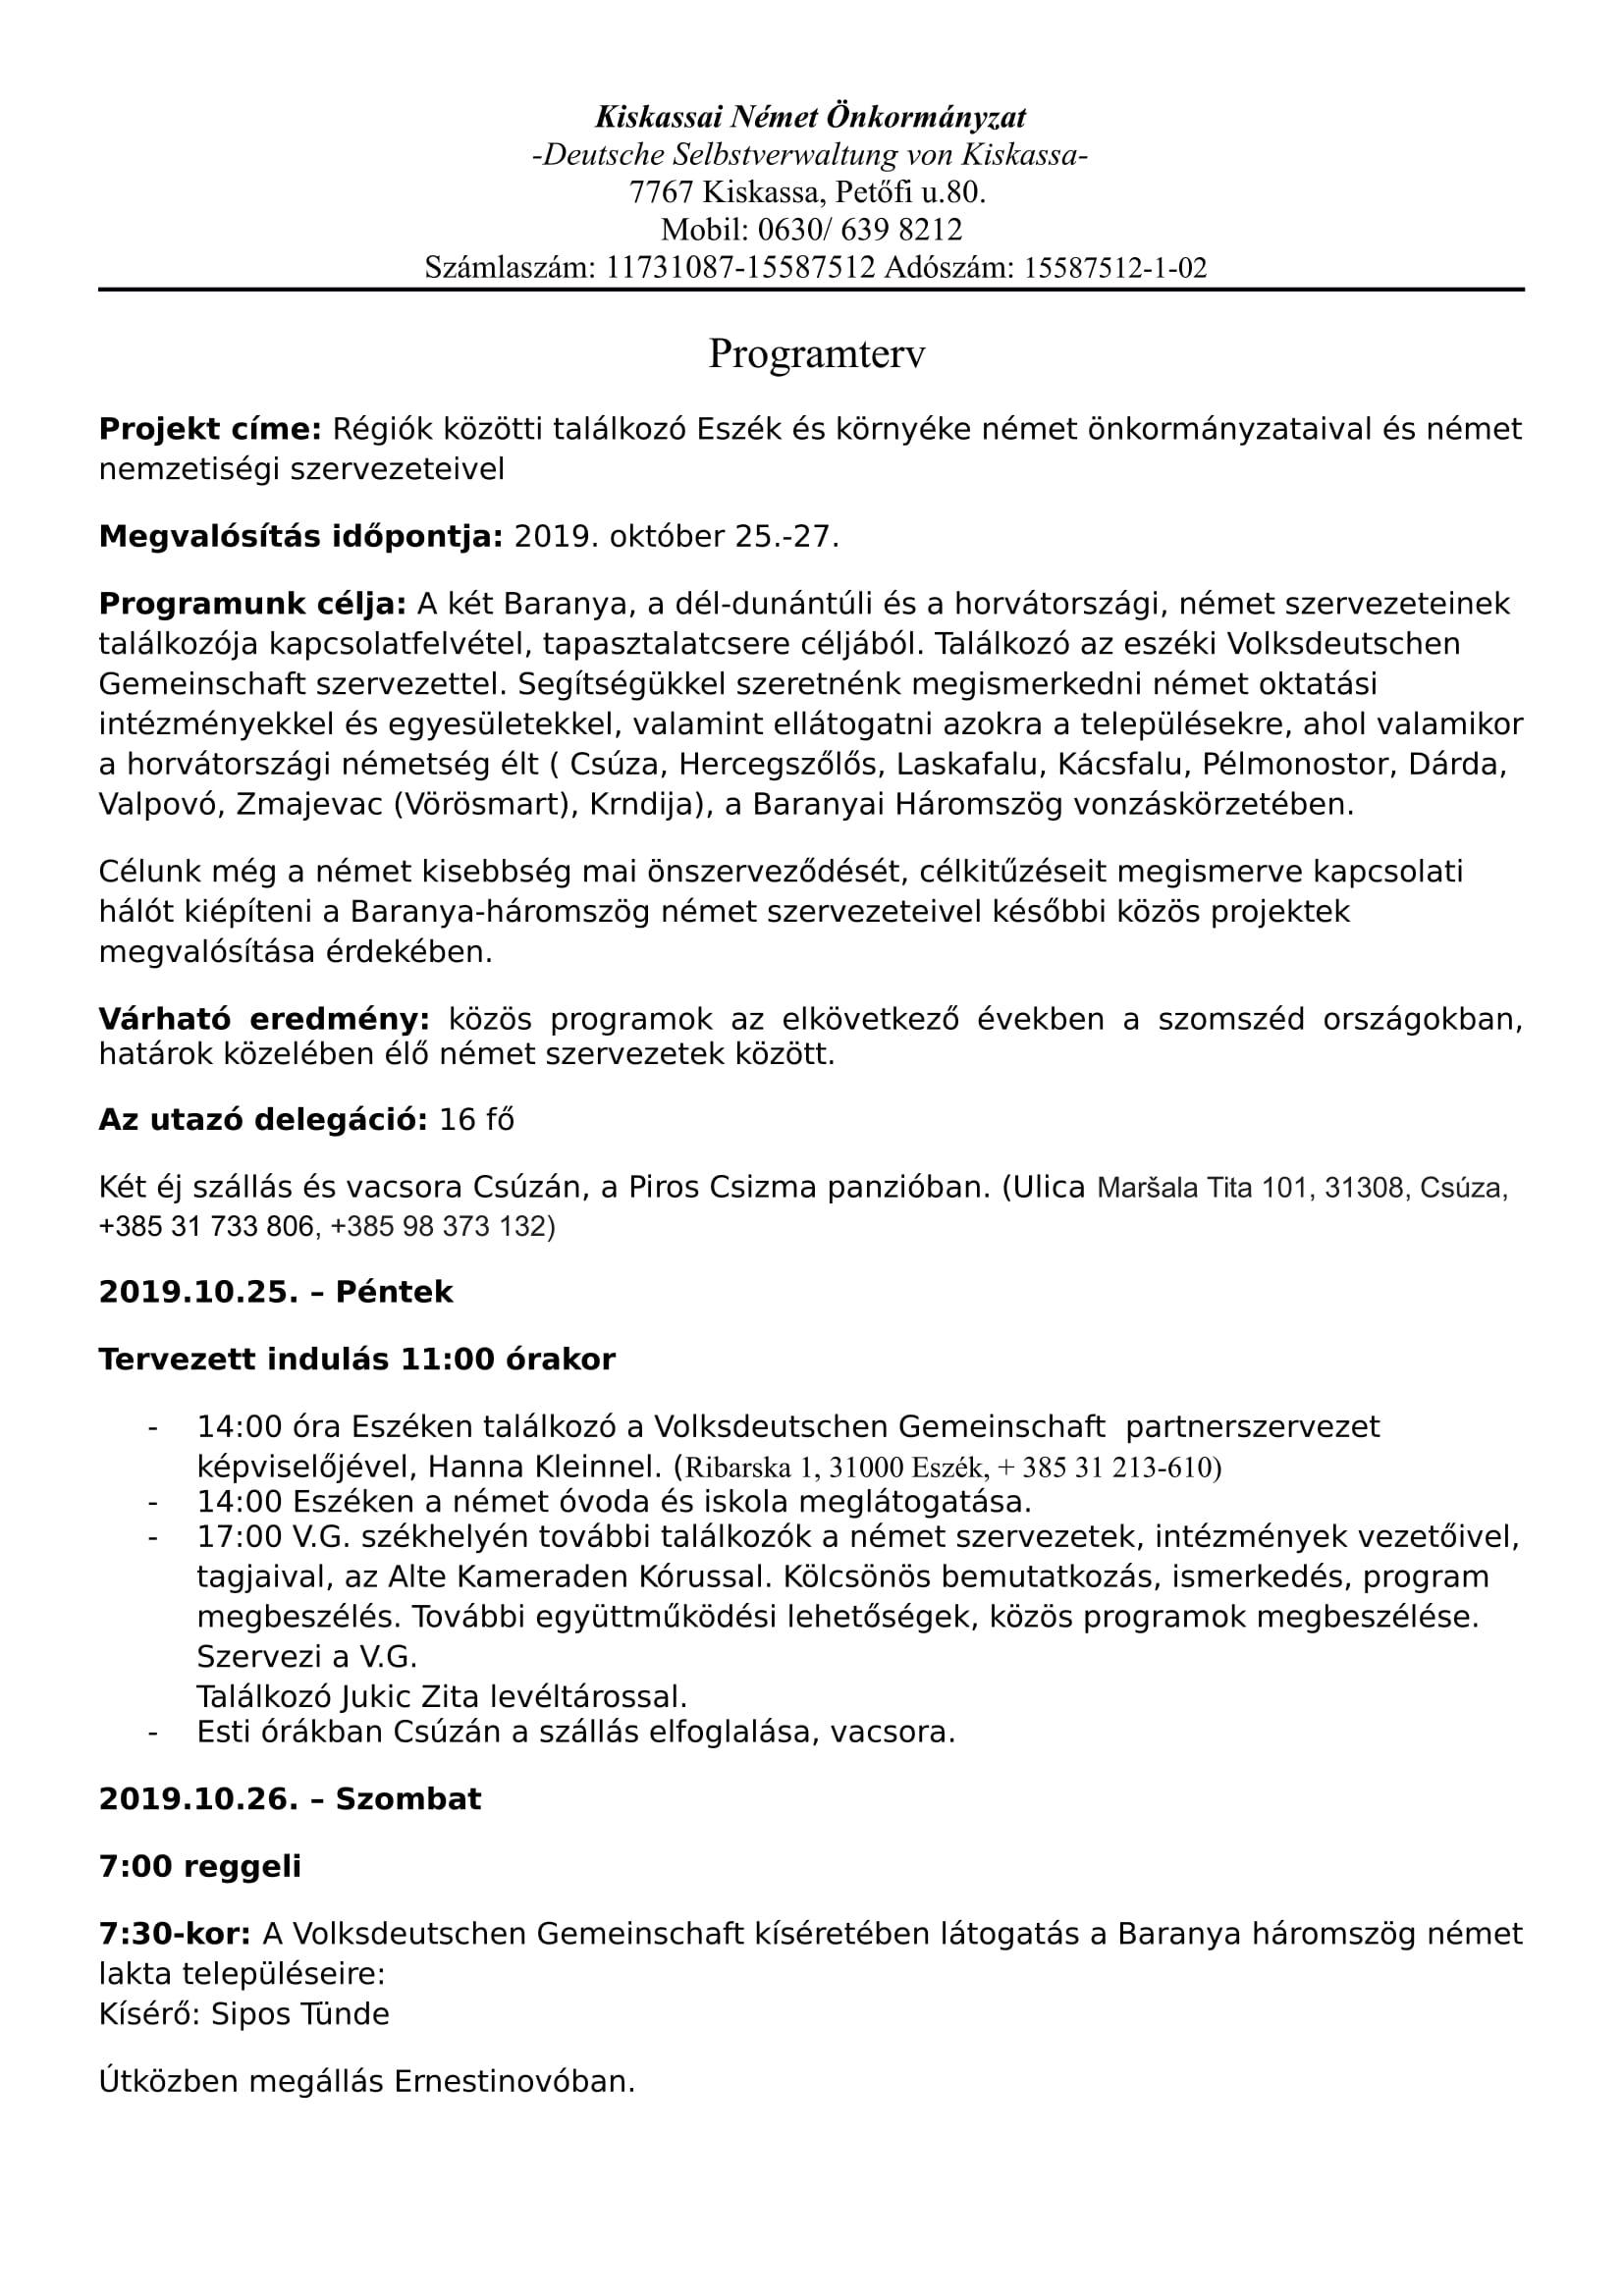 PROGRAMTERV, MAGYAR-1